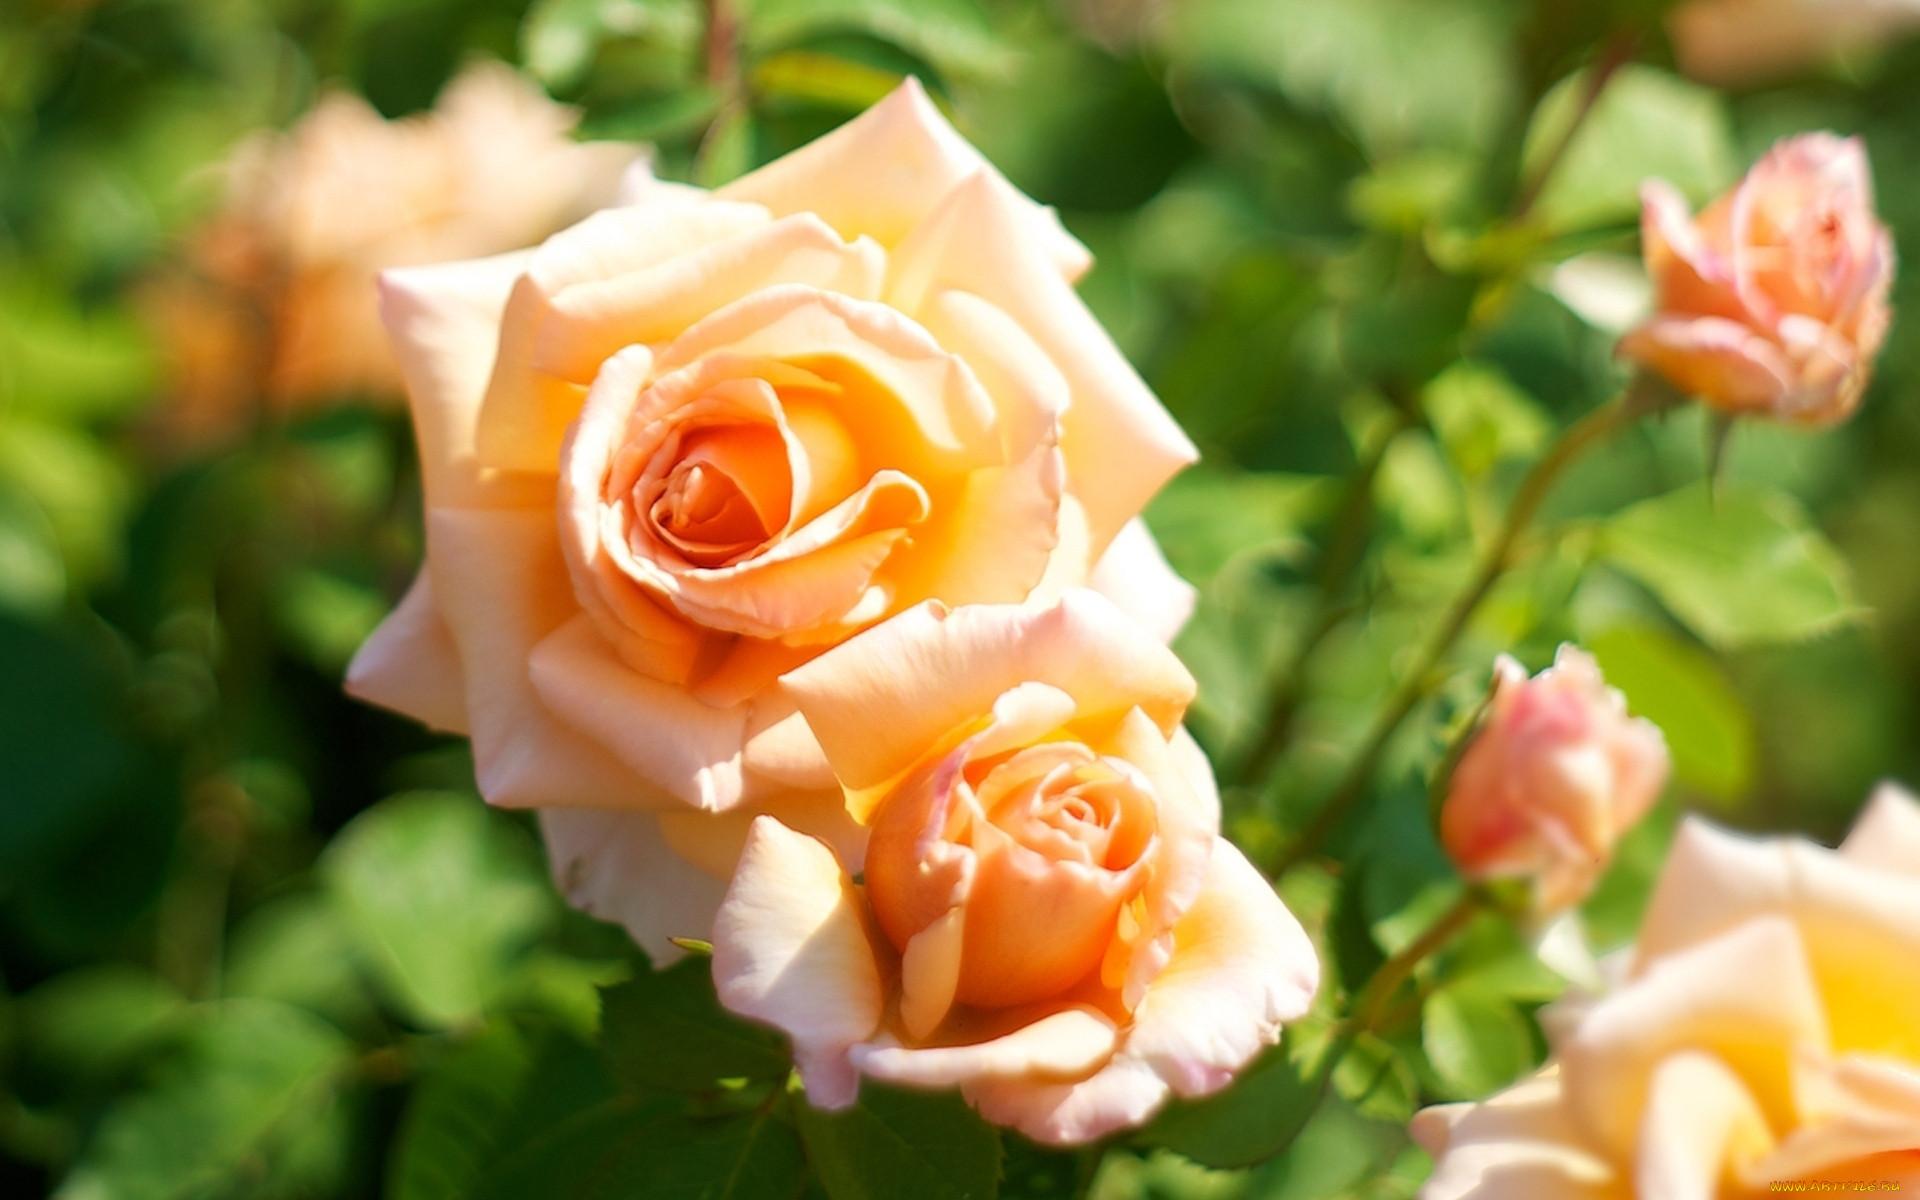 фотообои на рабочий стол цветы розы спортивная обувь